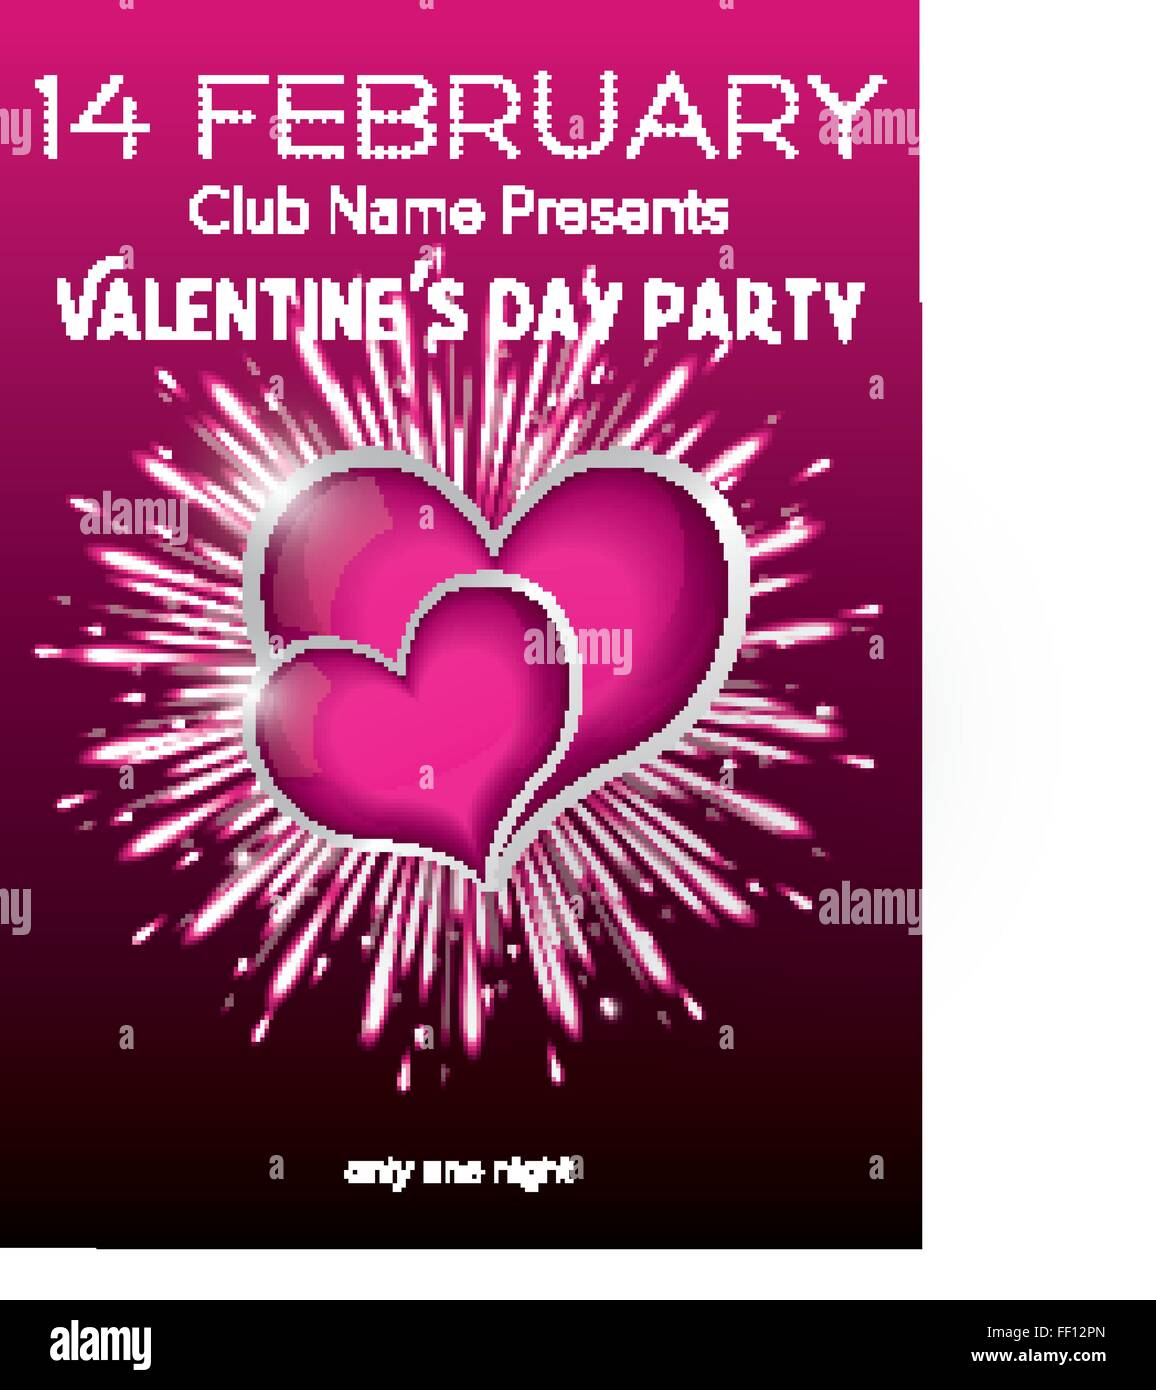 Happy Valentines Day Party Flyer Design Vorlage Vektor Illustration Club Konzept Mit Zwei Purple Hearts Und Feuerwerk